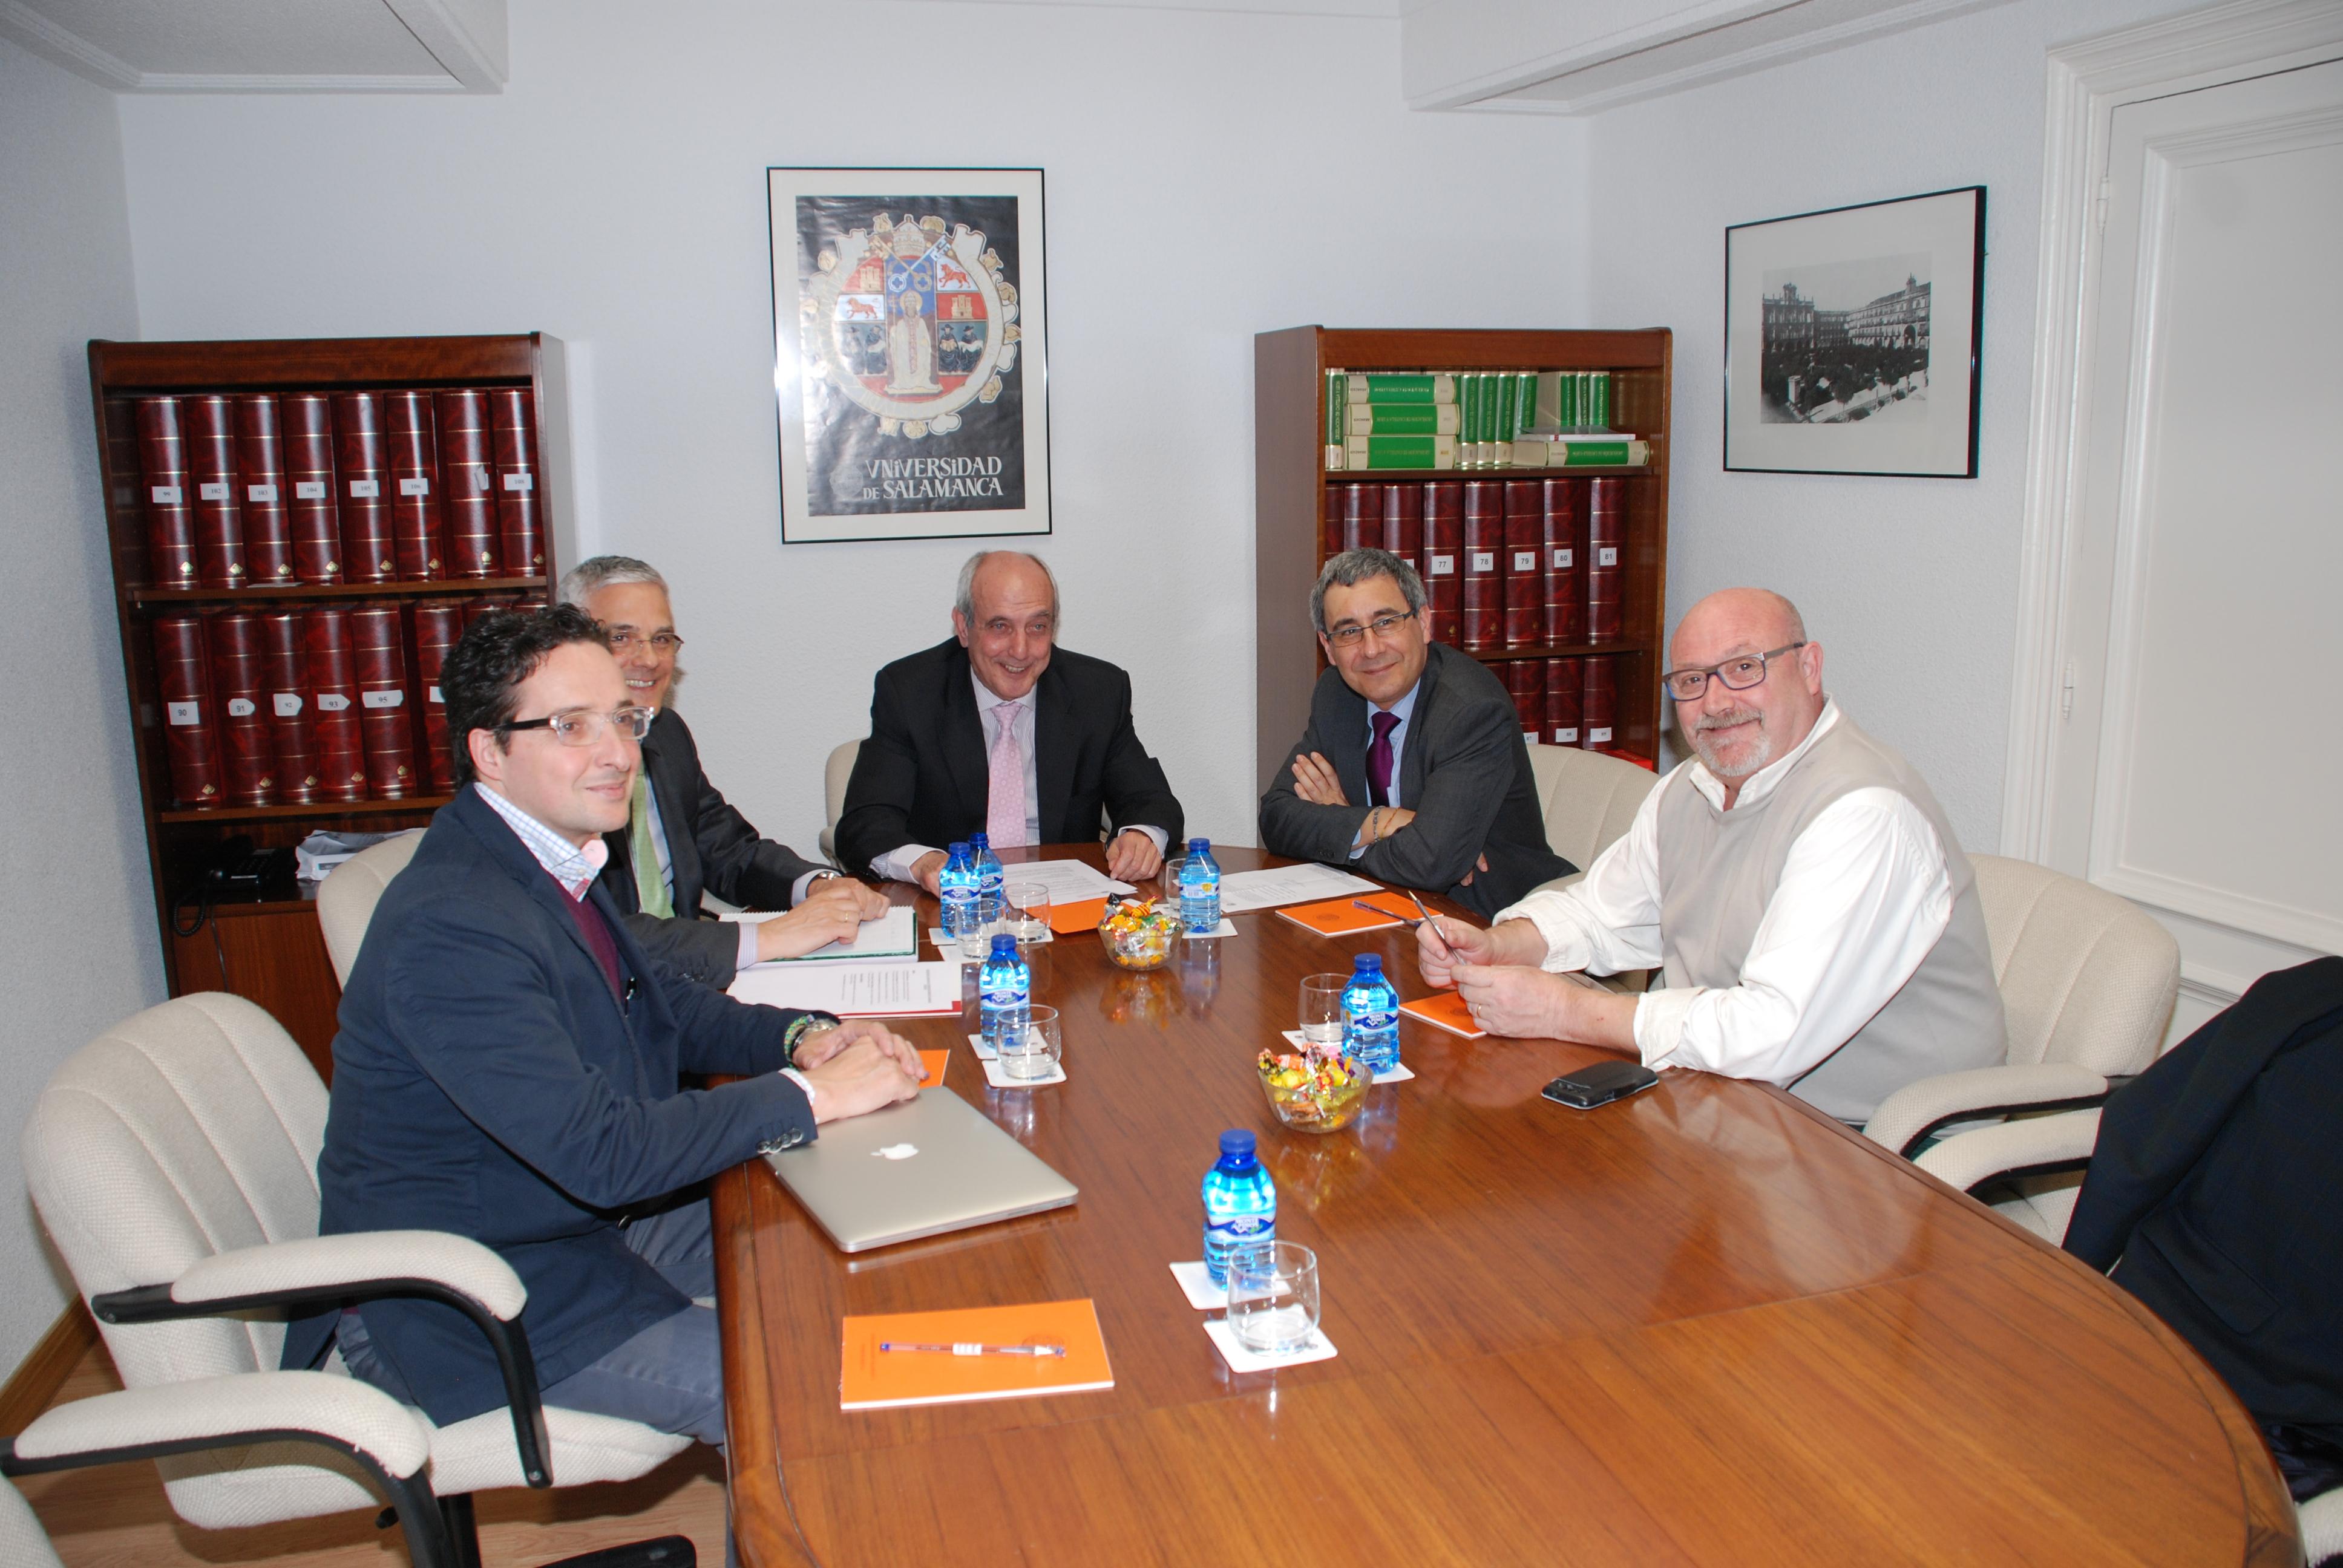 Reunión del jurado de los Premios Sociedad Civil del Consejo Social de la Universidad de Salamanca